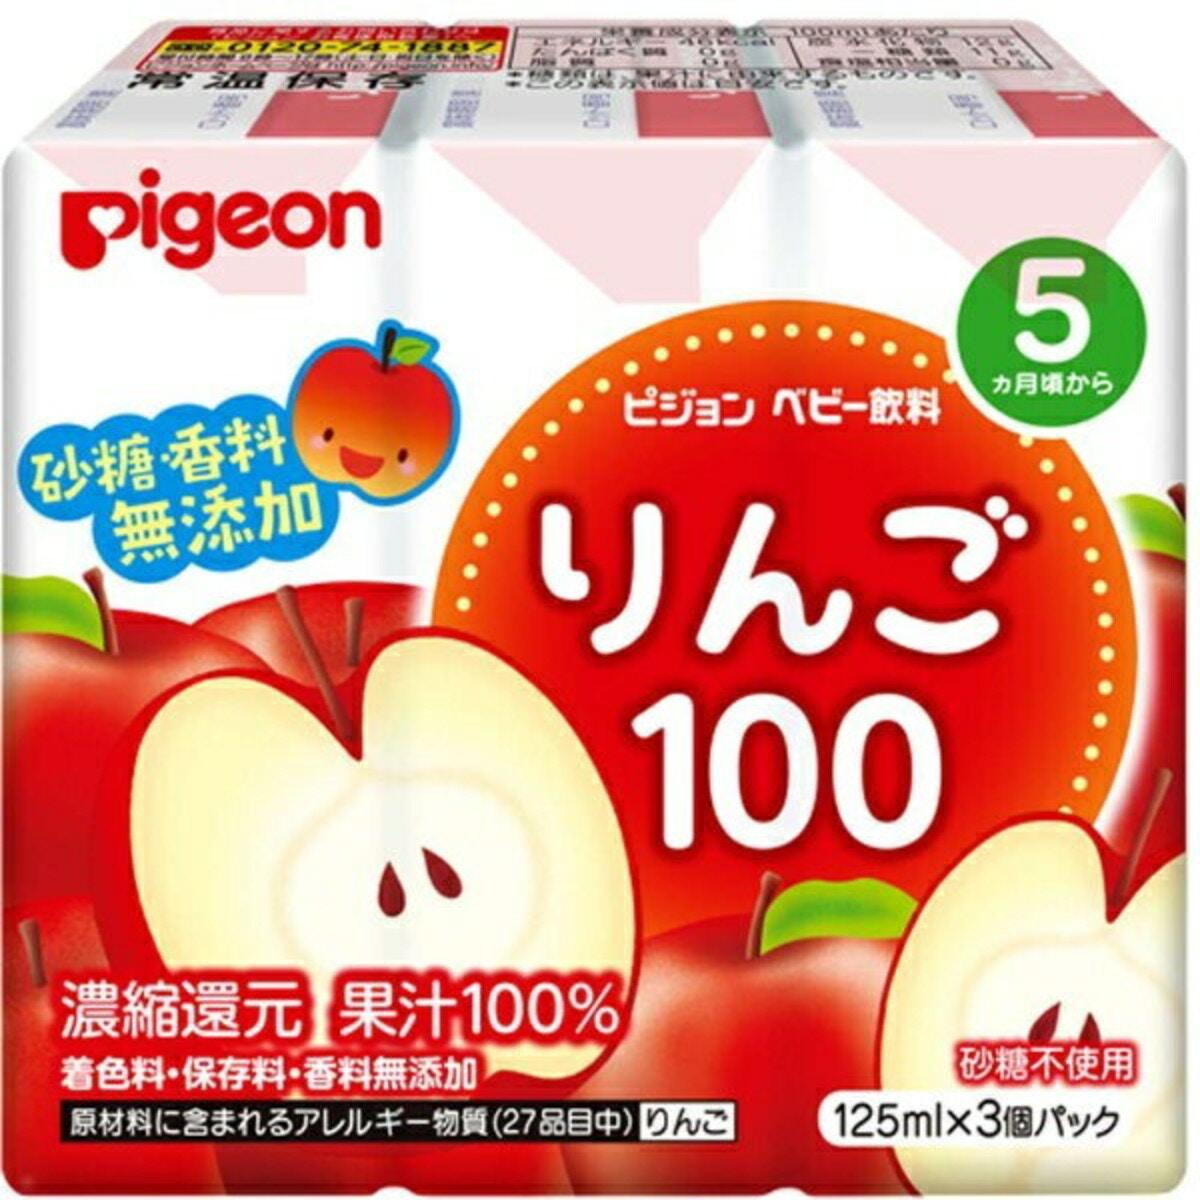 pigeon りんご100 125mlx3